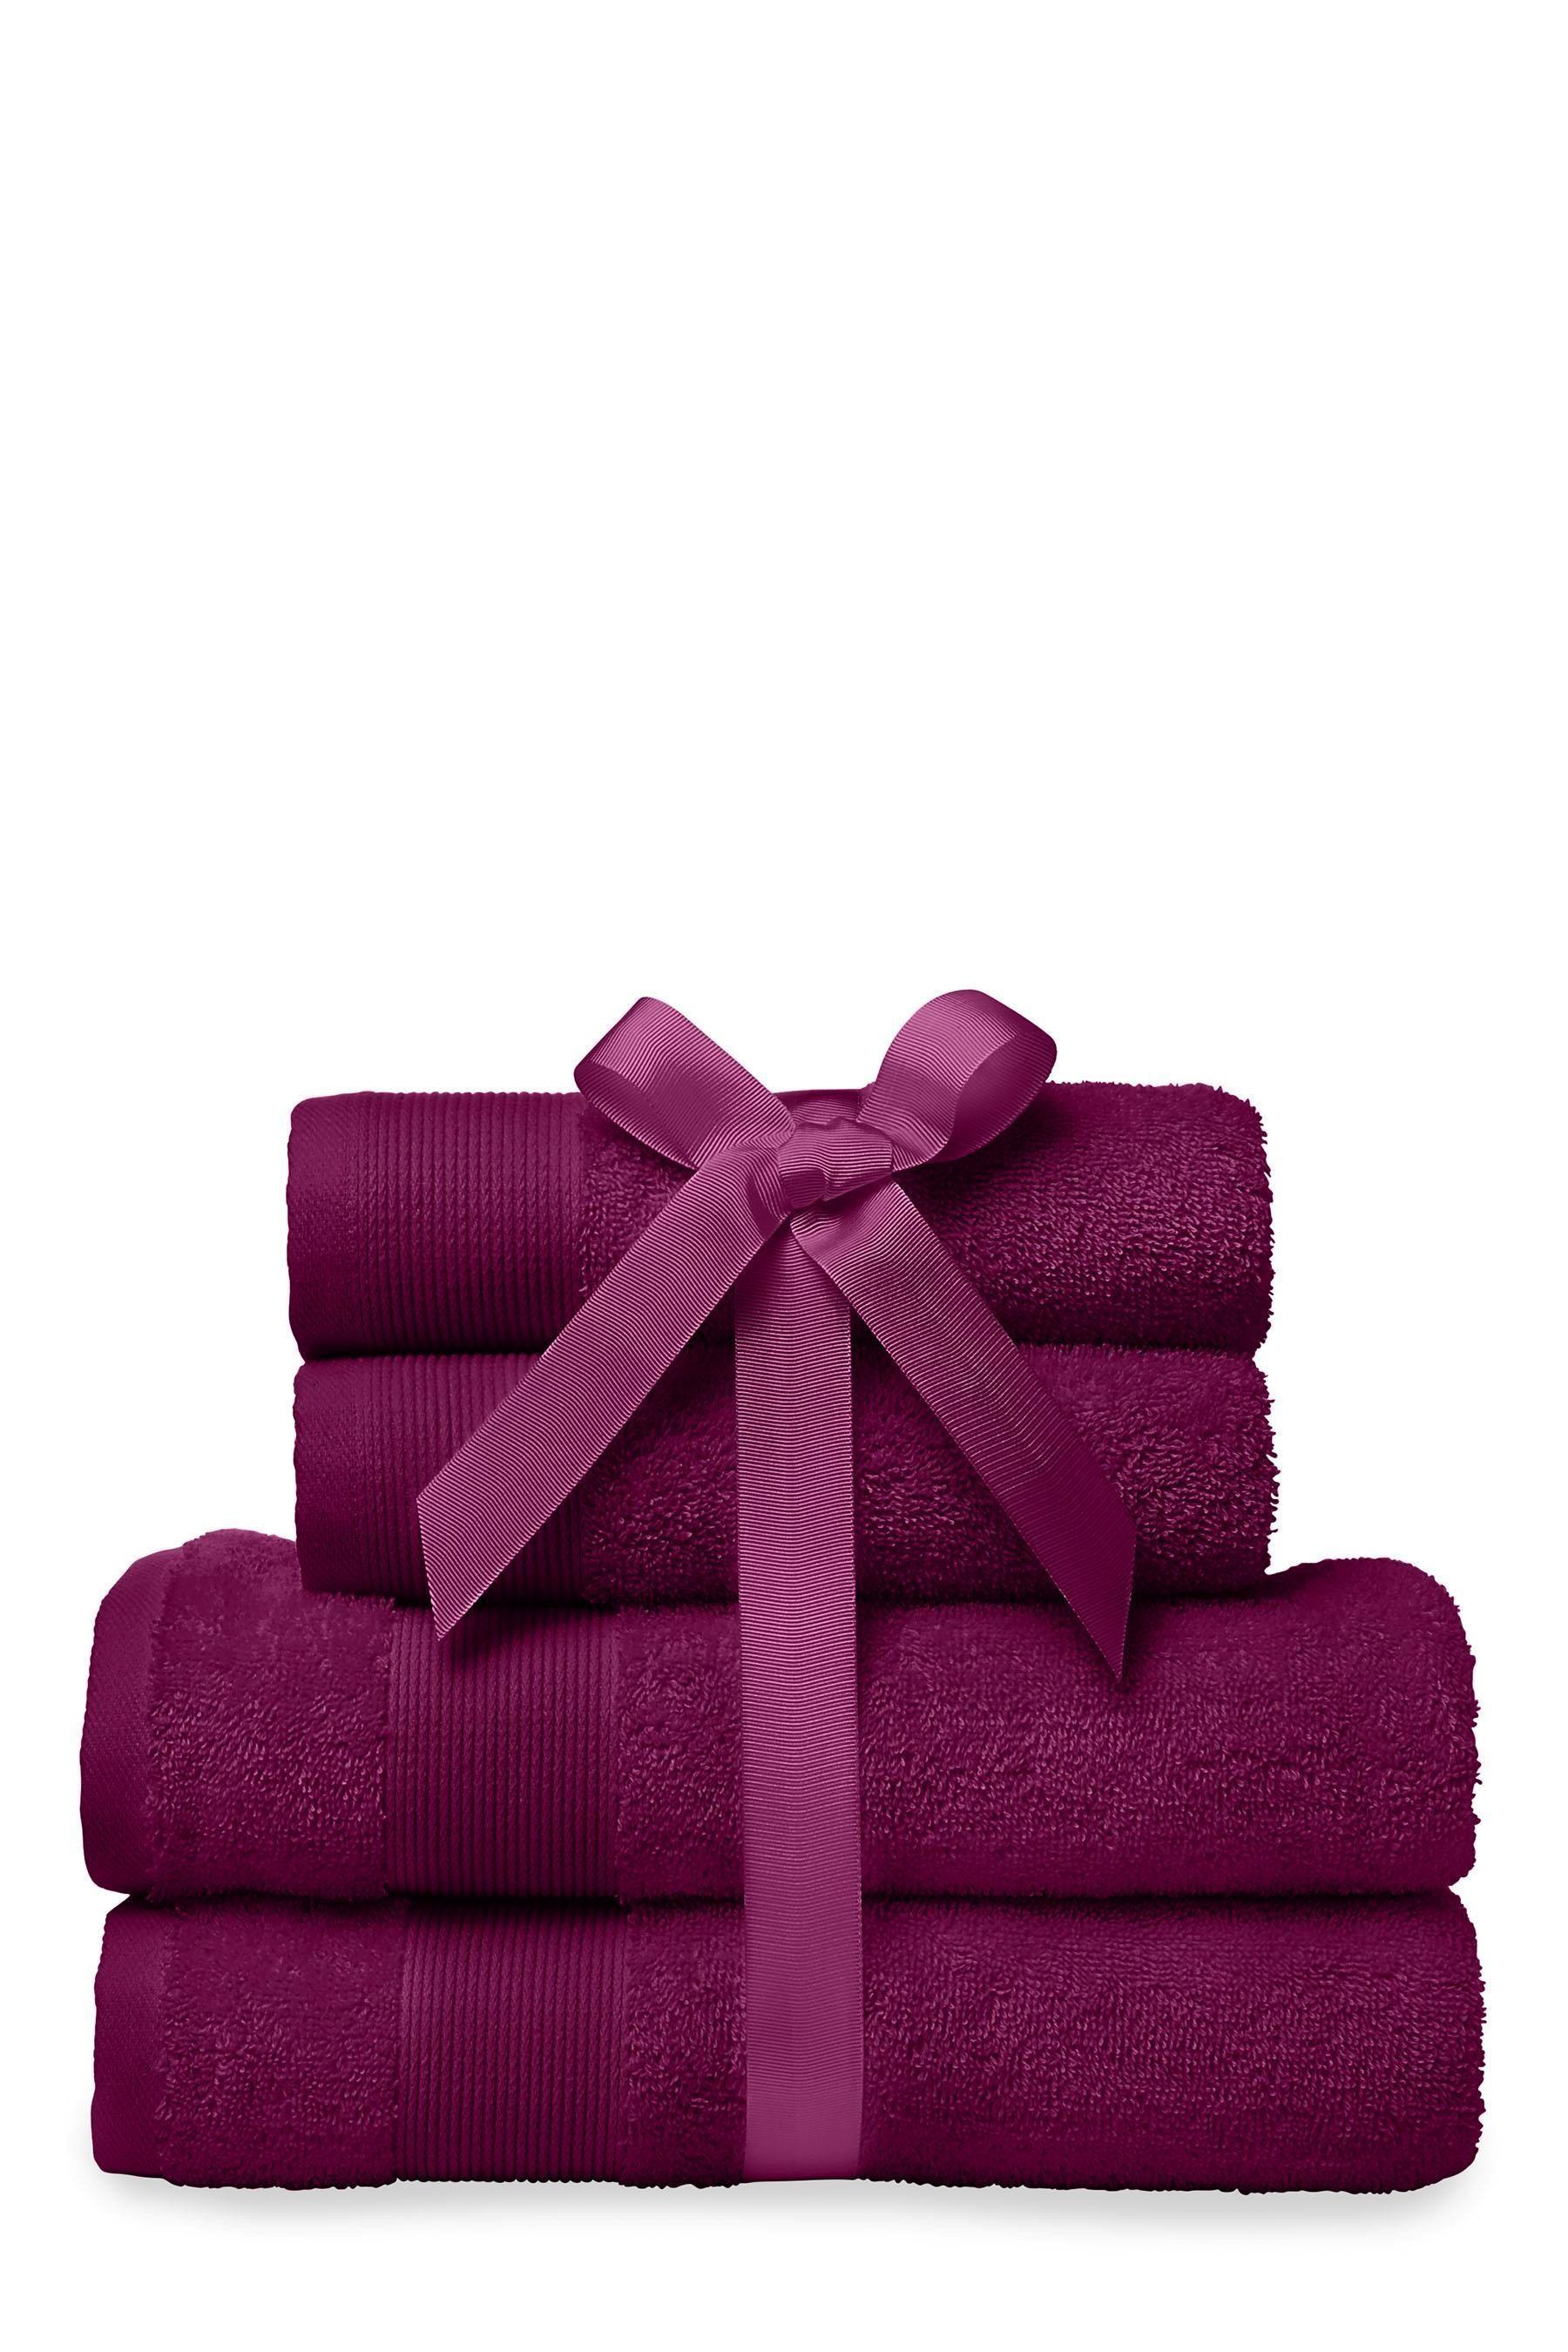 Image Result For Purple Towel Bale Purple Towels Towel Cotton Towels